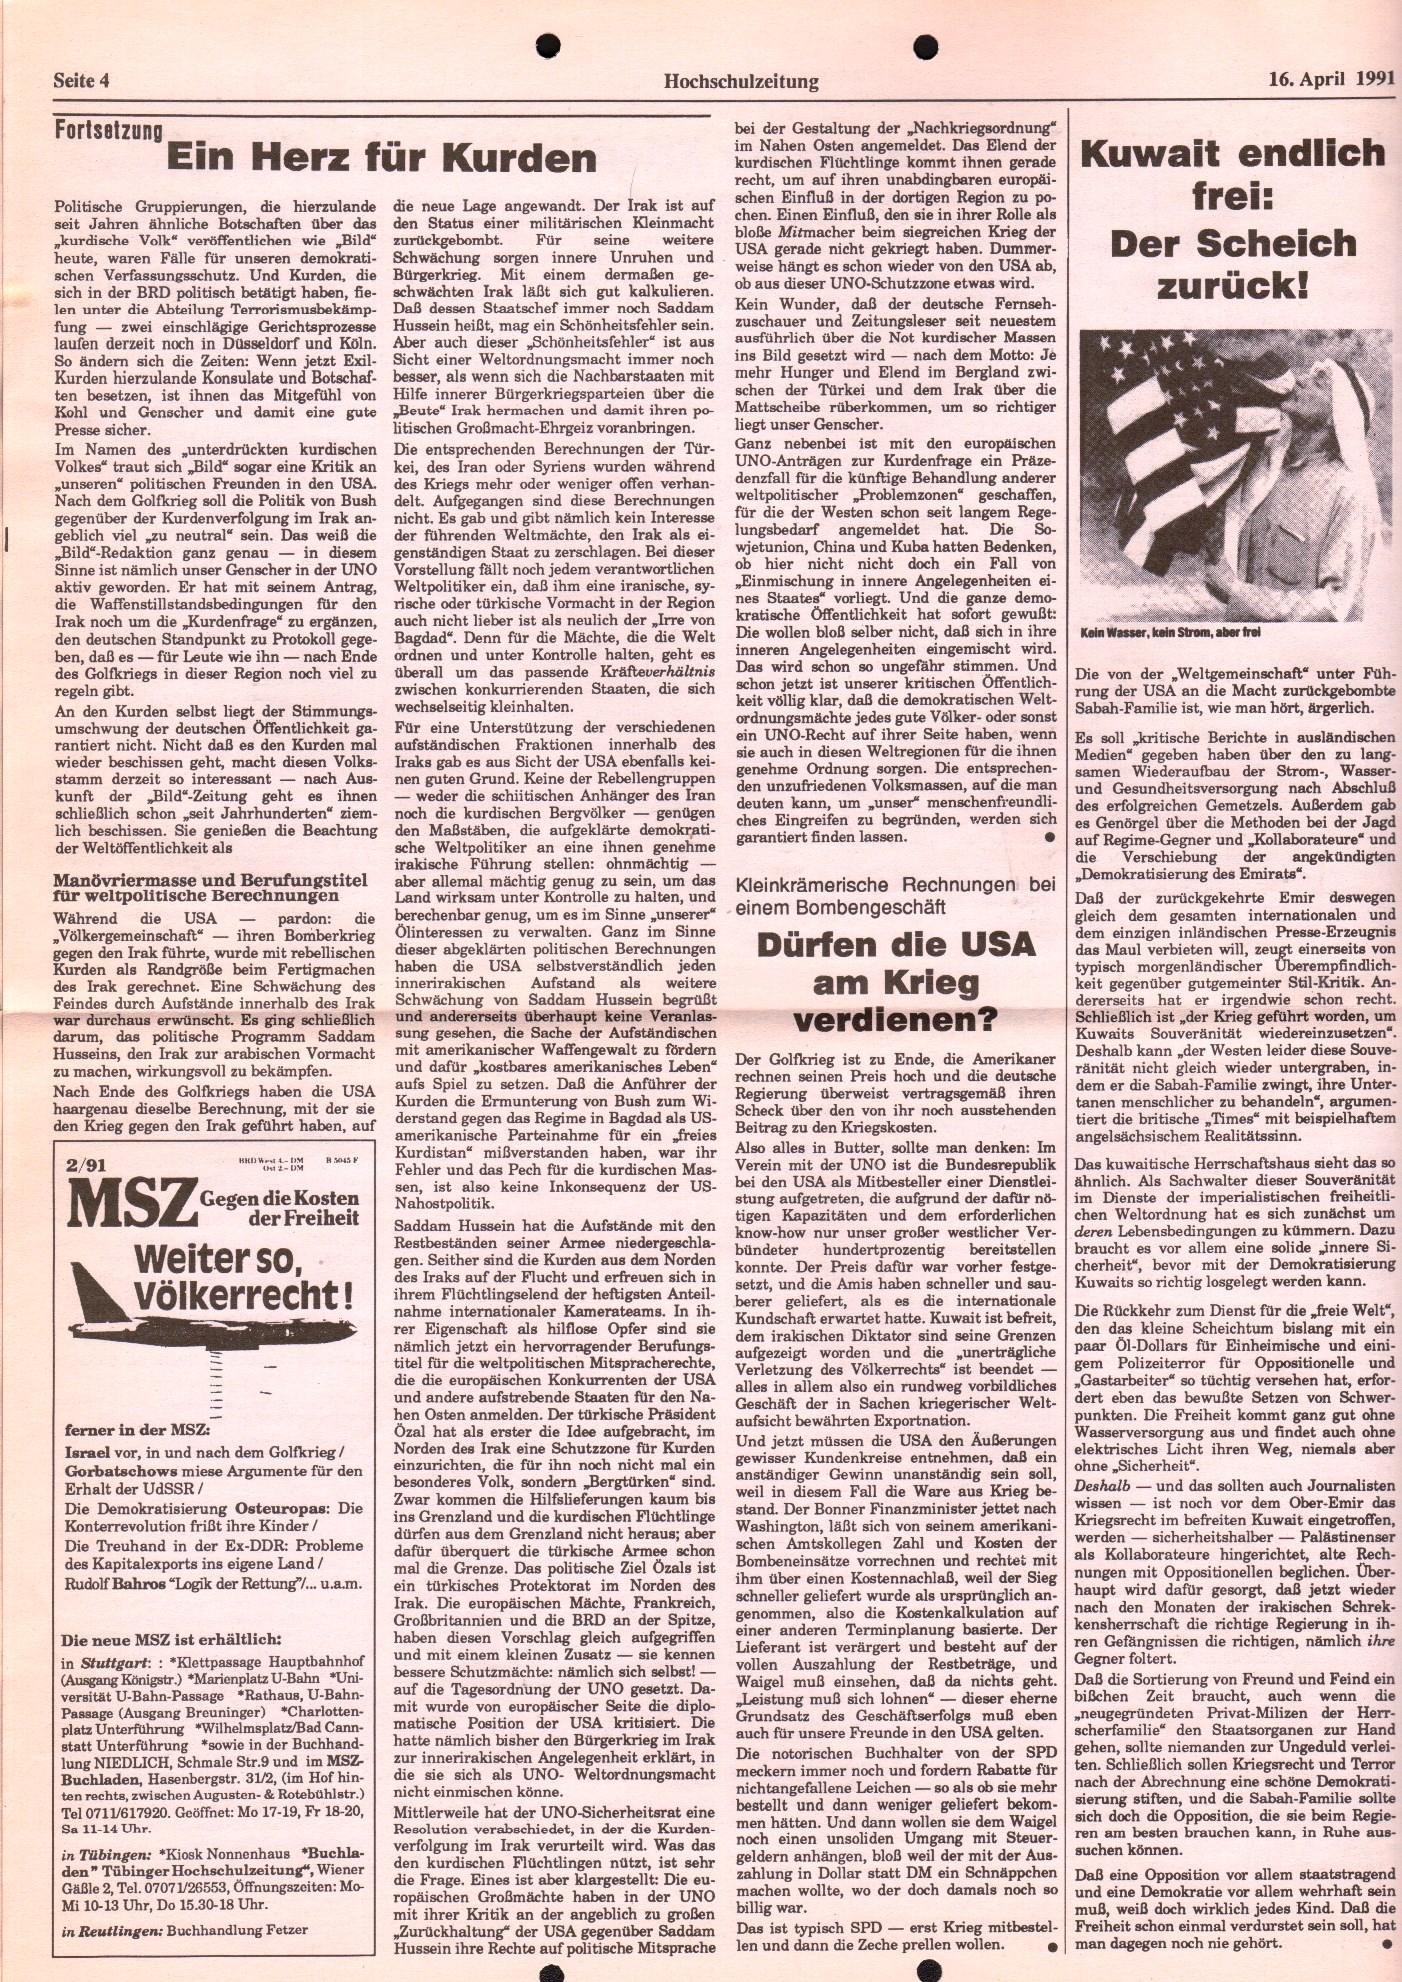 Tuebingen_MG_Hochschulzeitung_1991_03_04